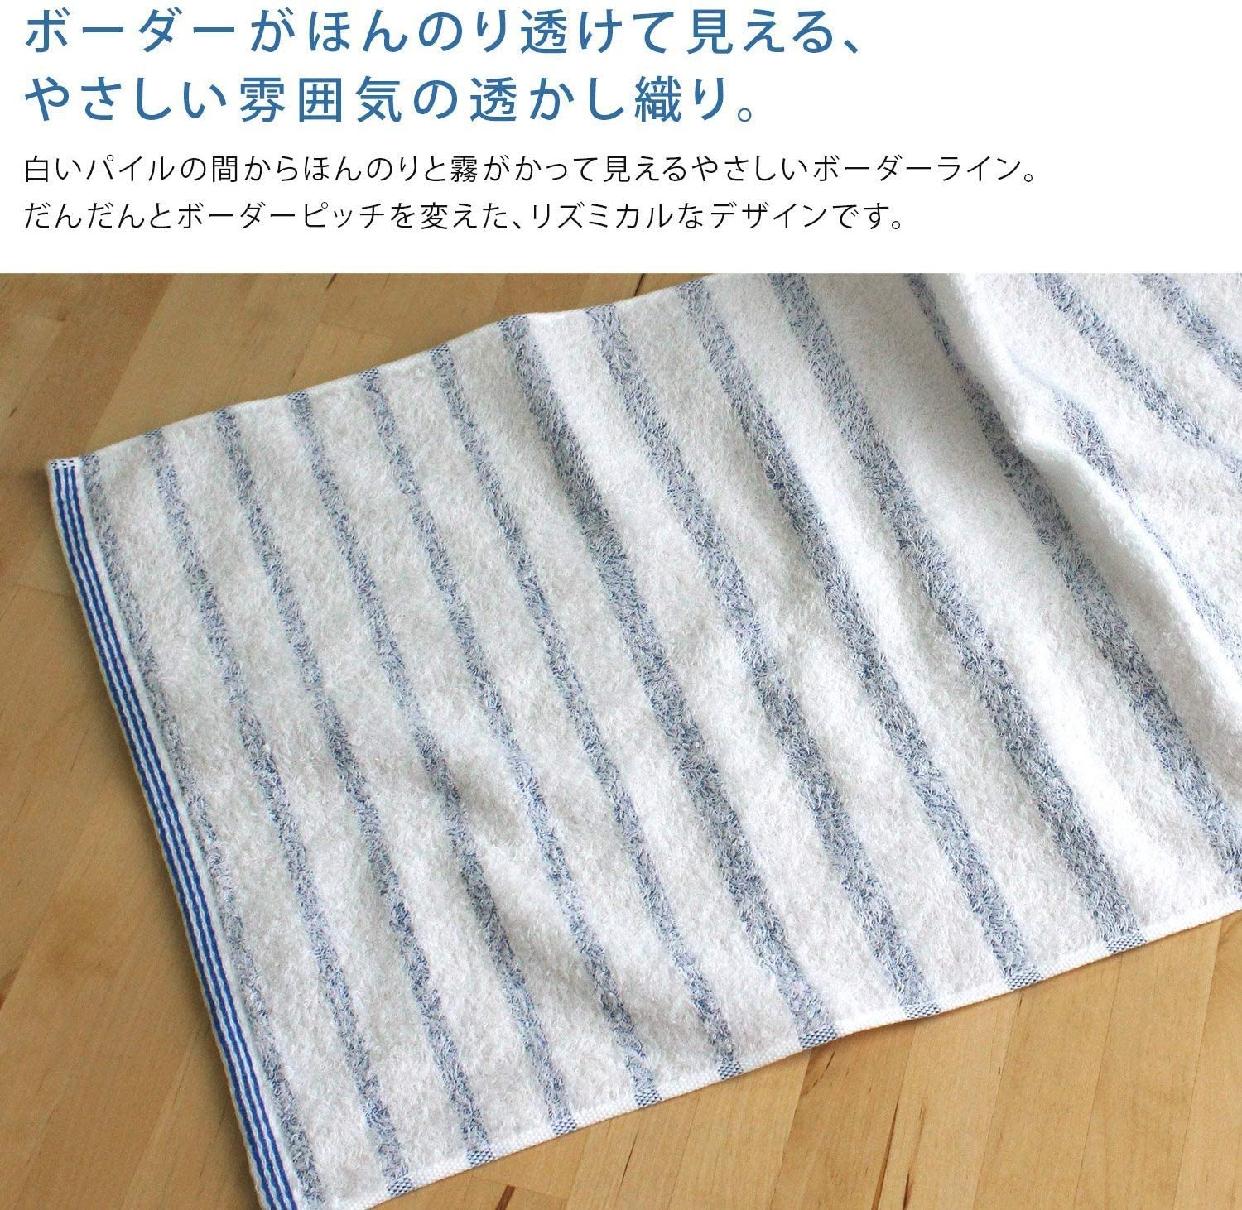 hiorie(ヒオリエ) 今治タオル ボーダーバスタオルの商品画像8